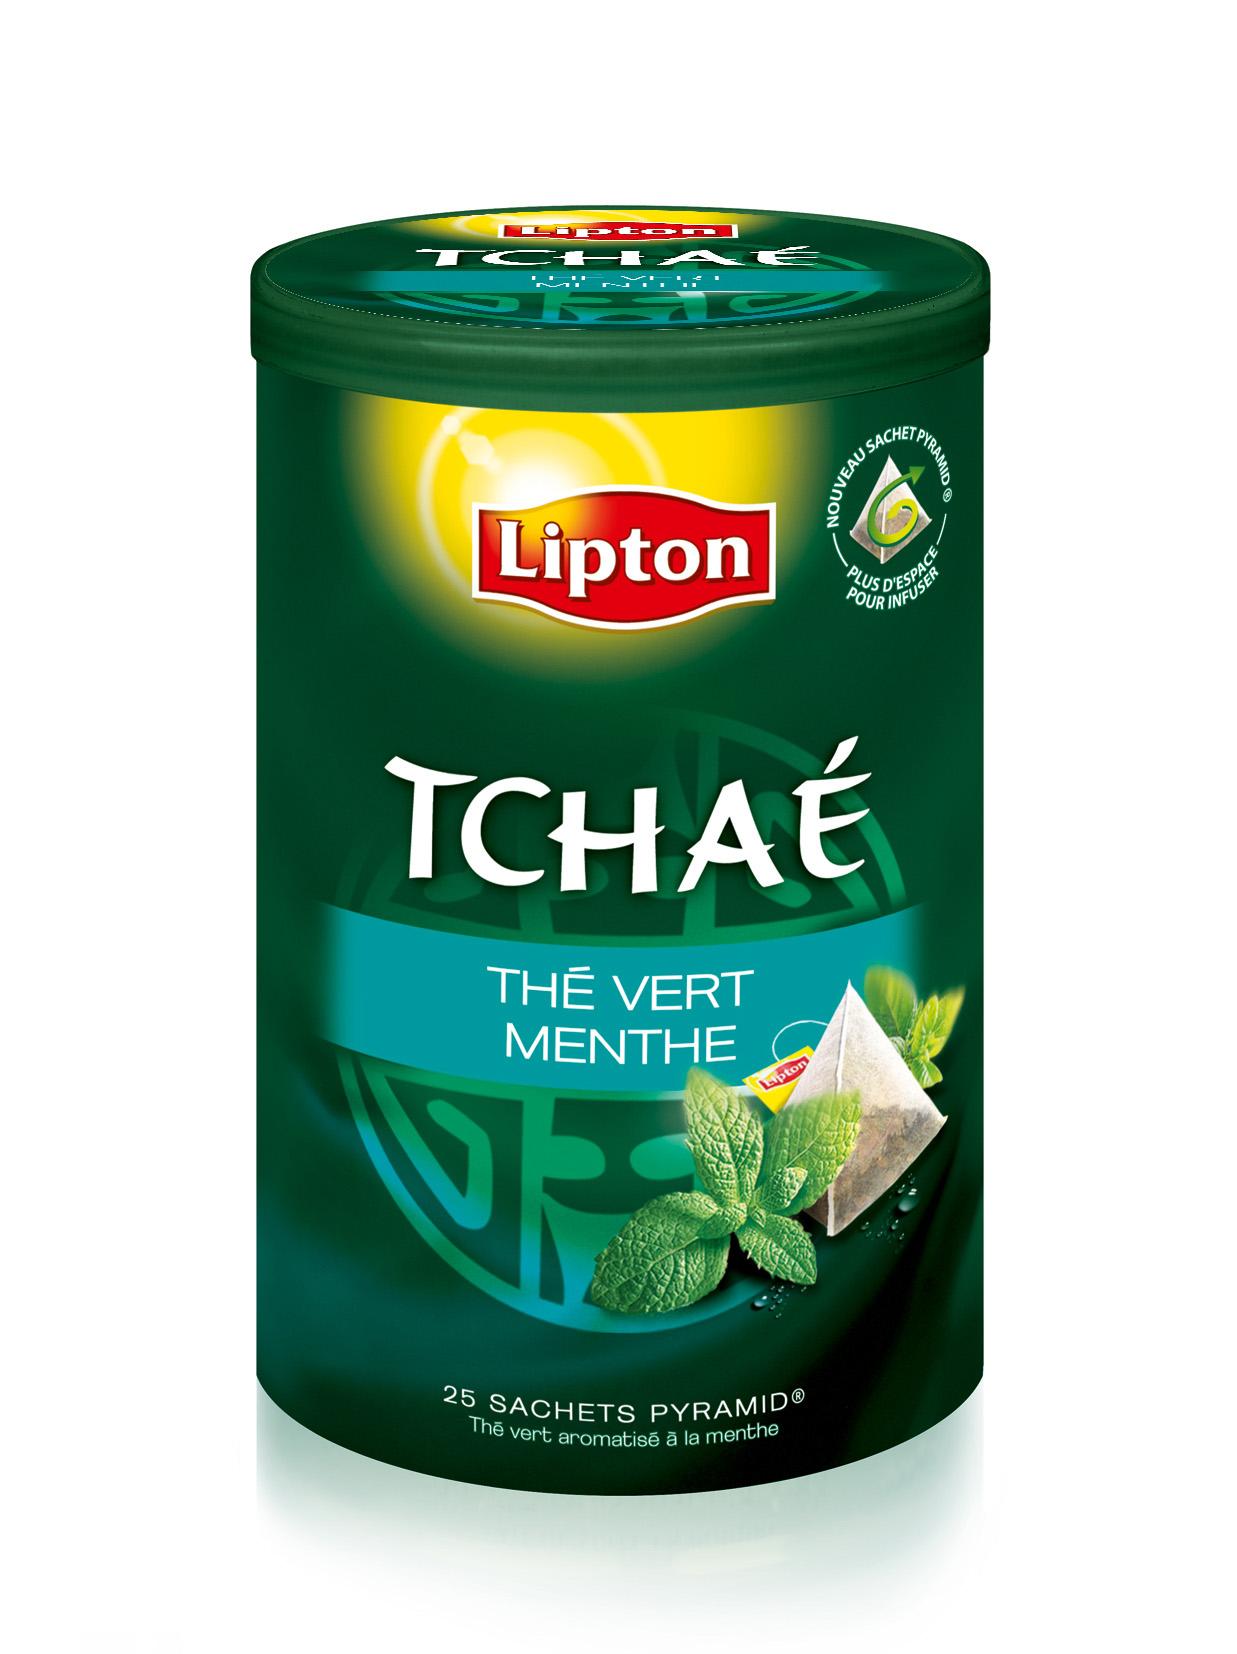 Lipton Exclusive selection Thé Vert Menthe Tchaé 25 sachets pyramides